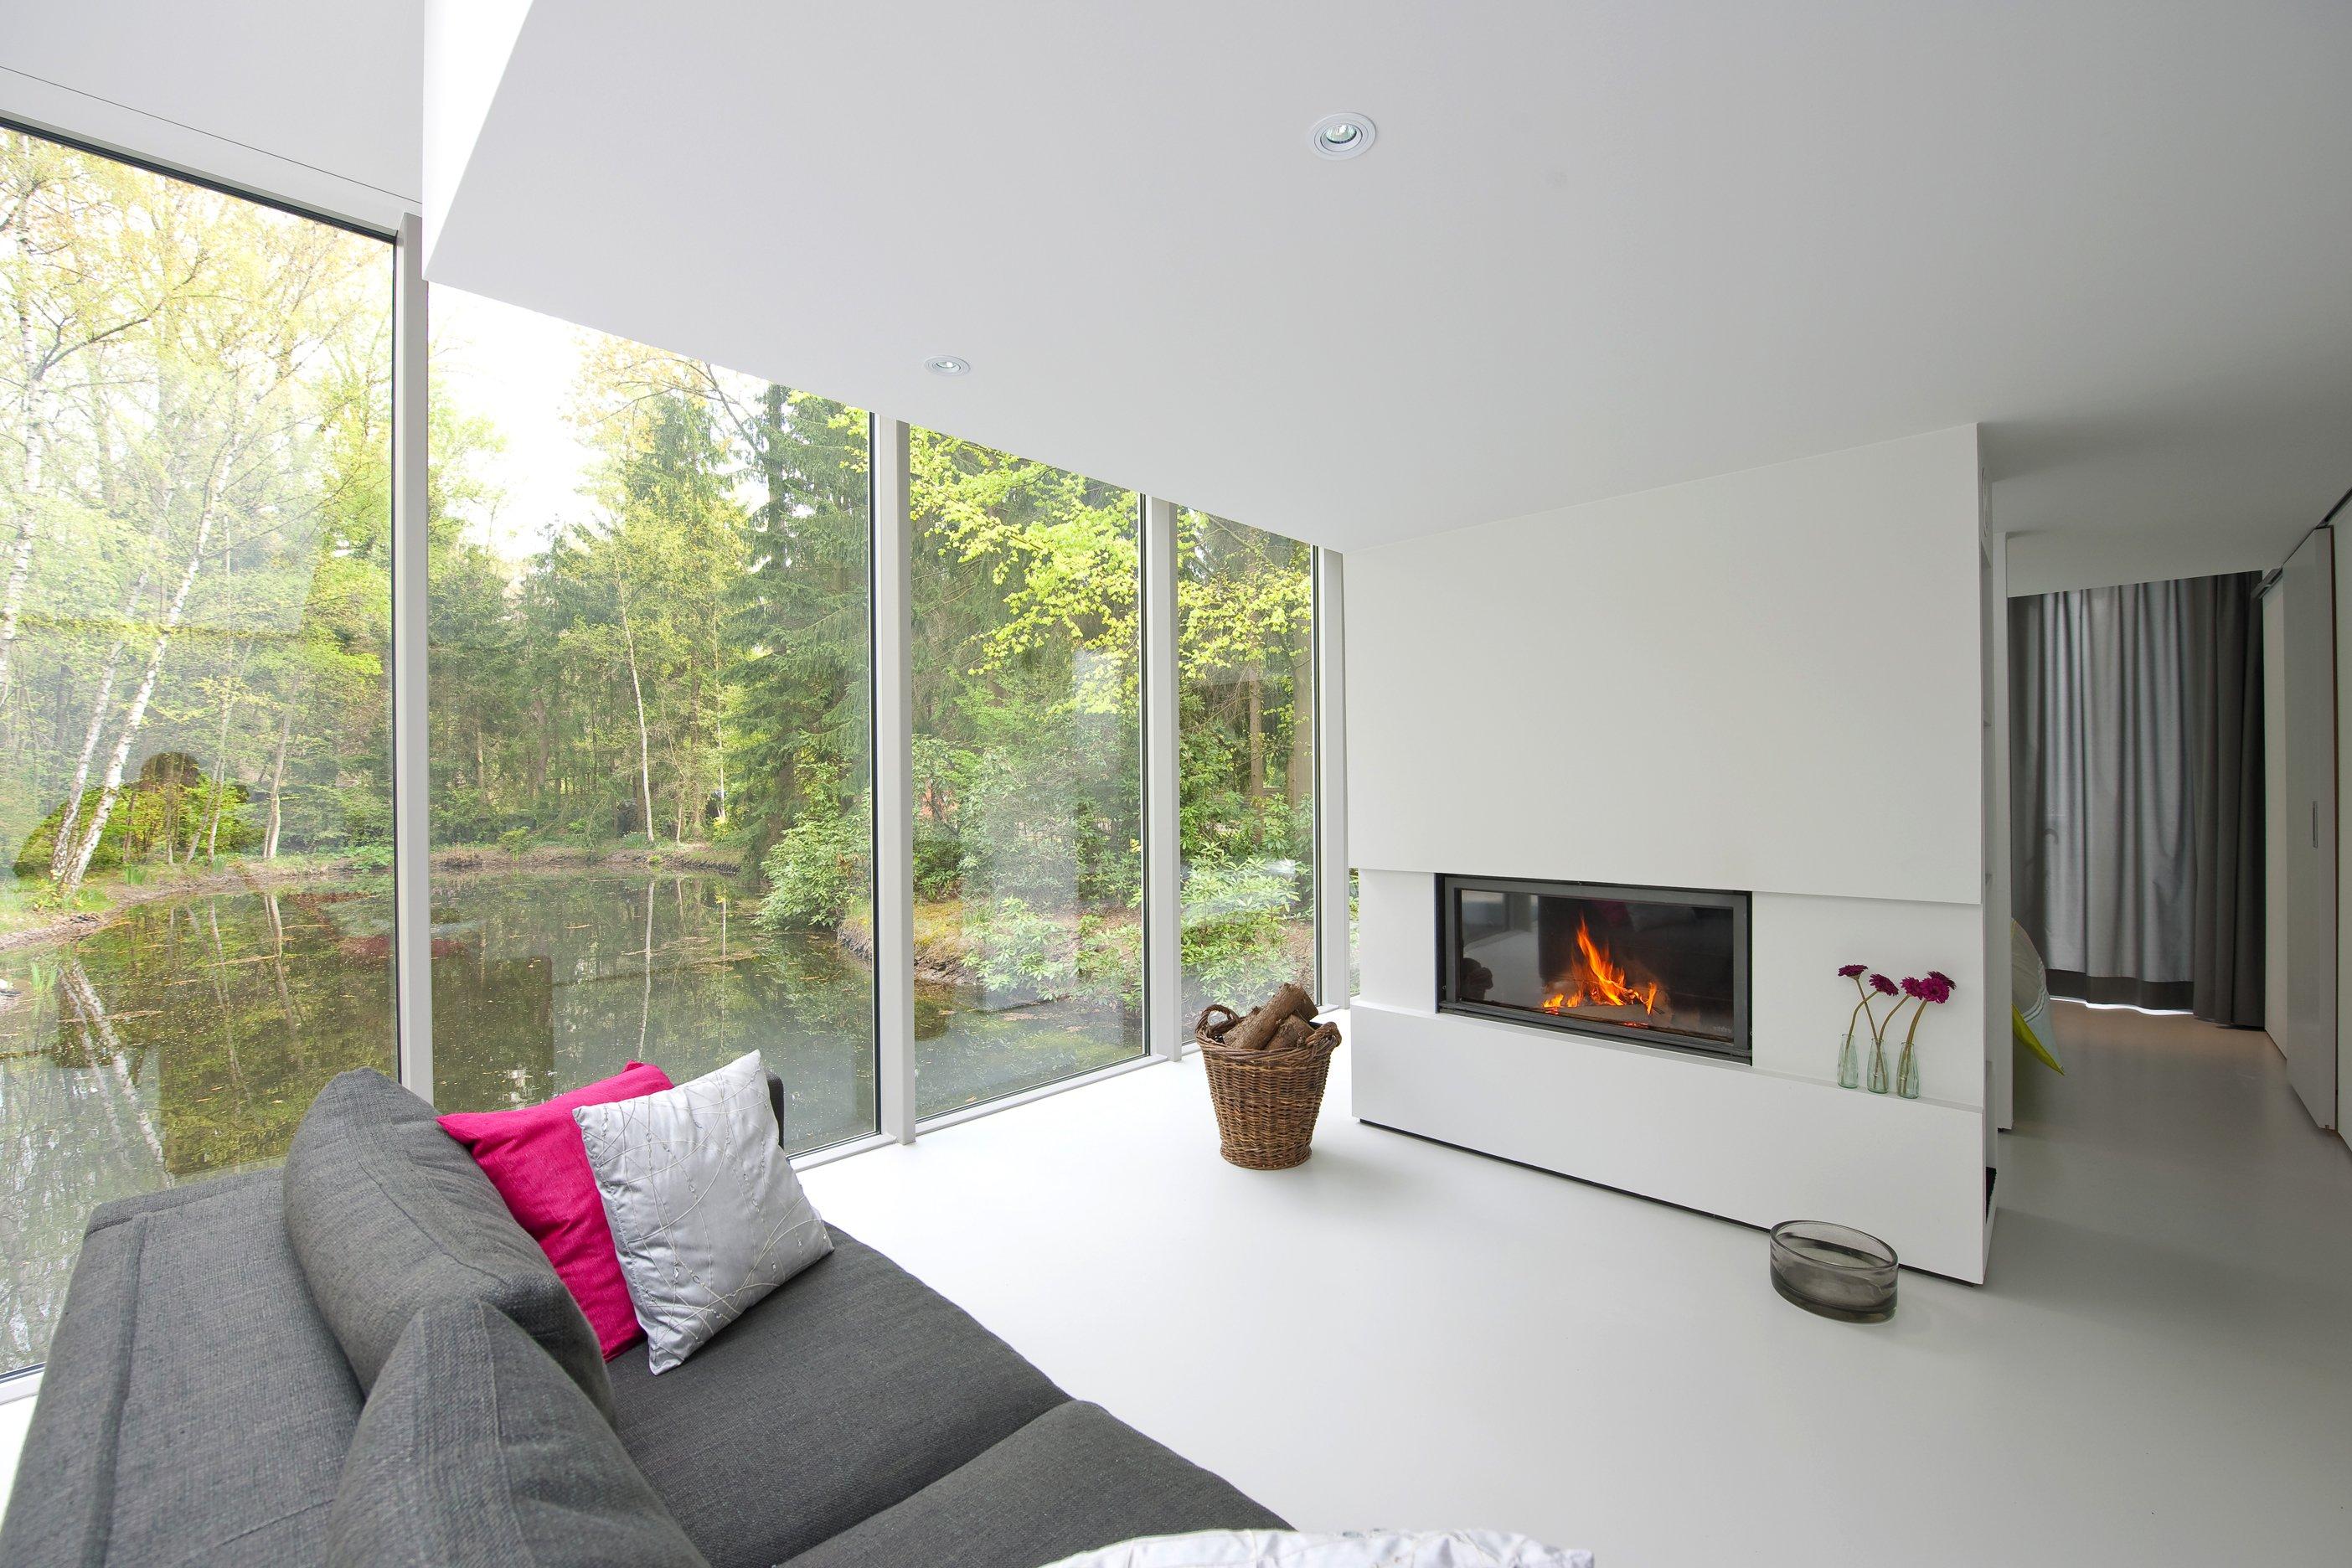 Una sala con un divano di color grigio e una stufa davanti